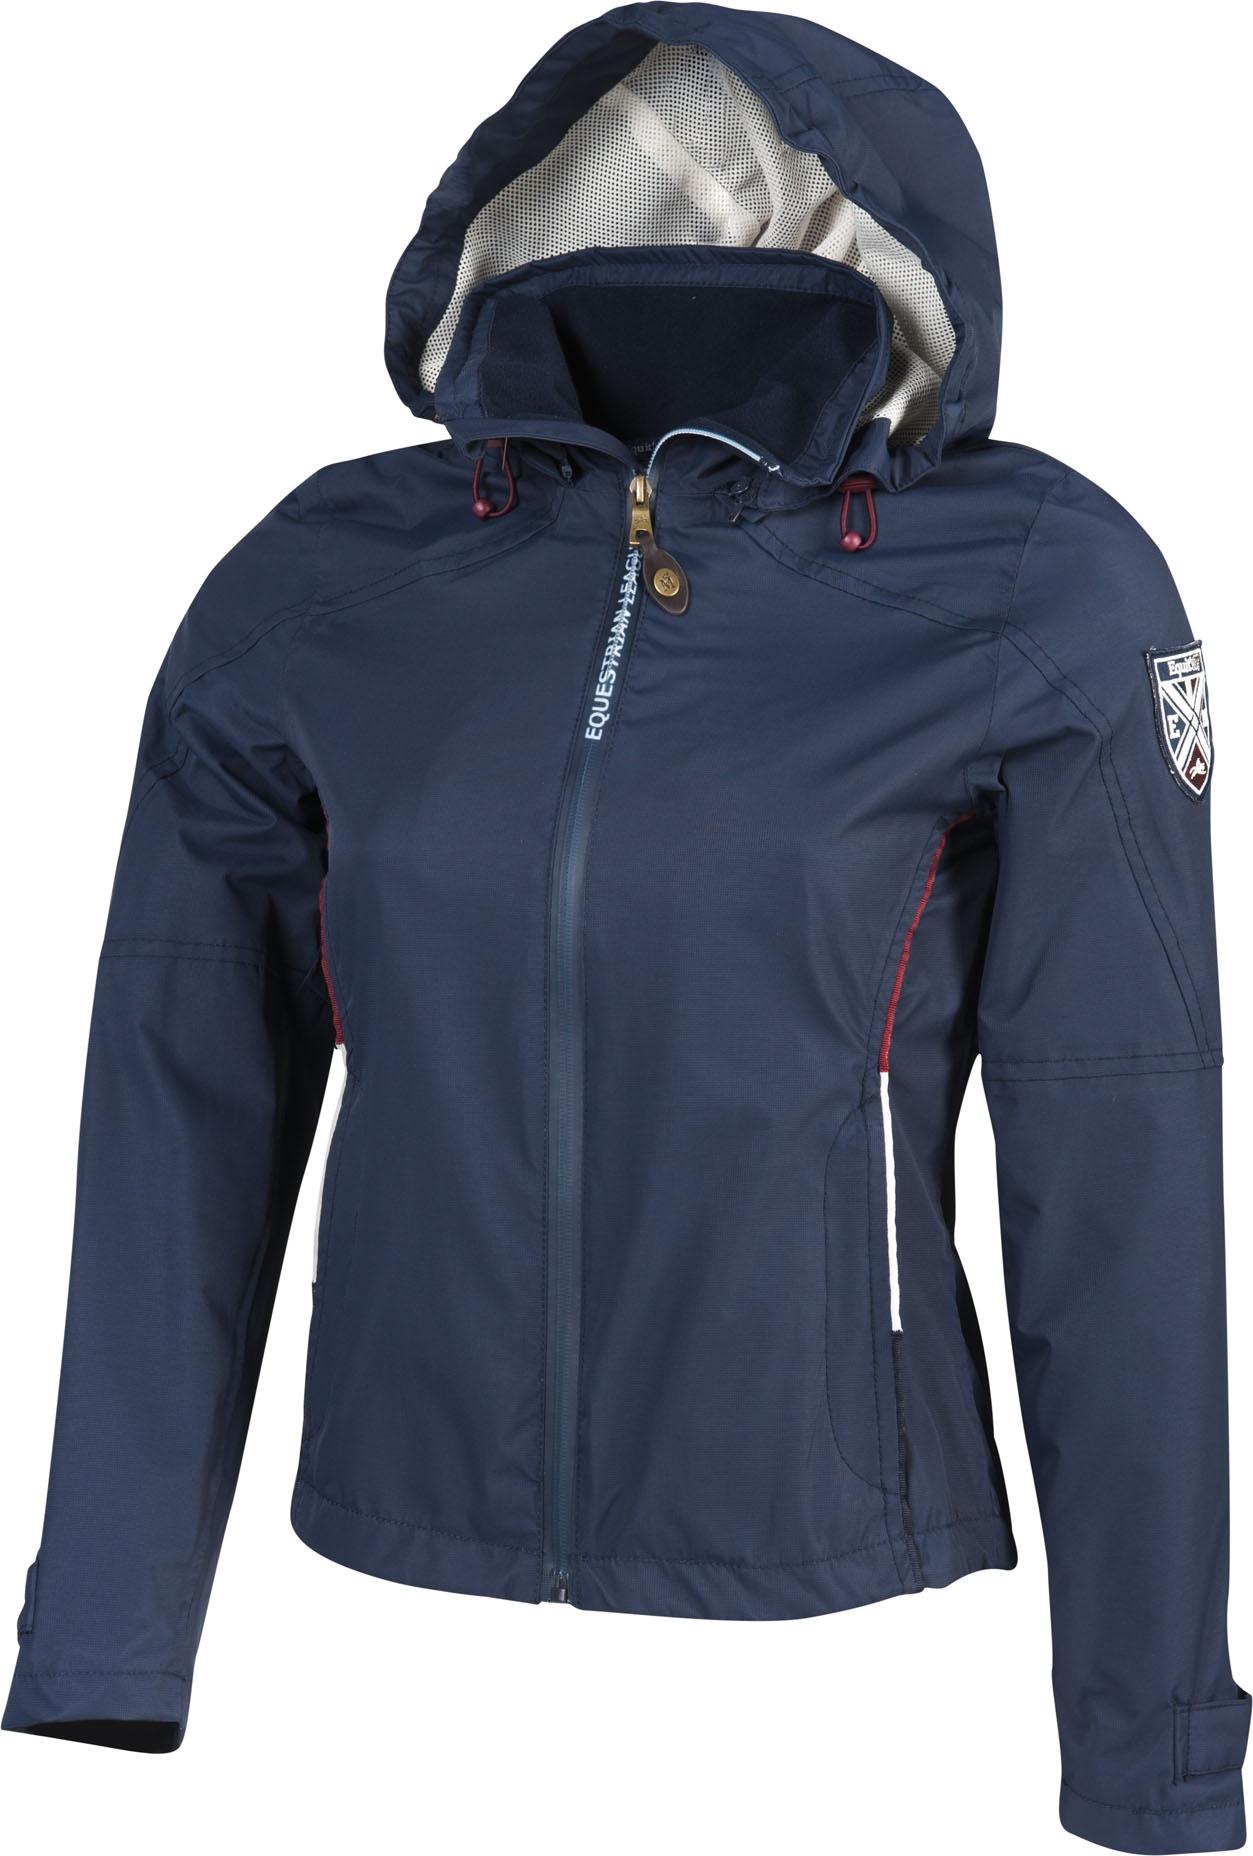 manteau equitation, blouson équitation hiver, equipement